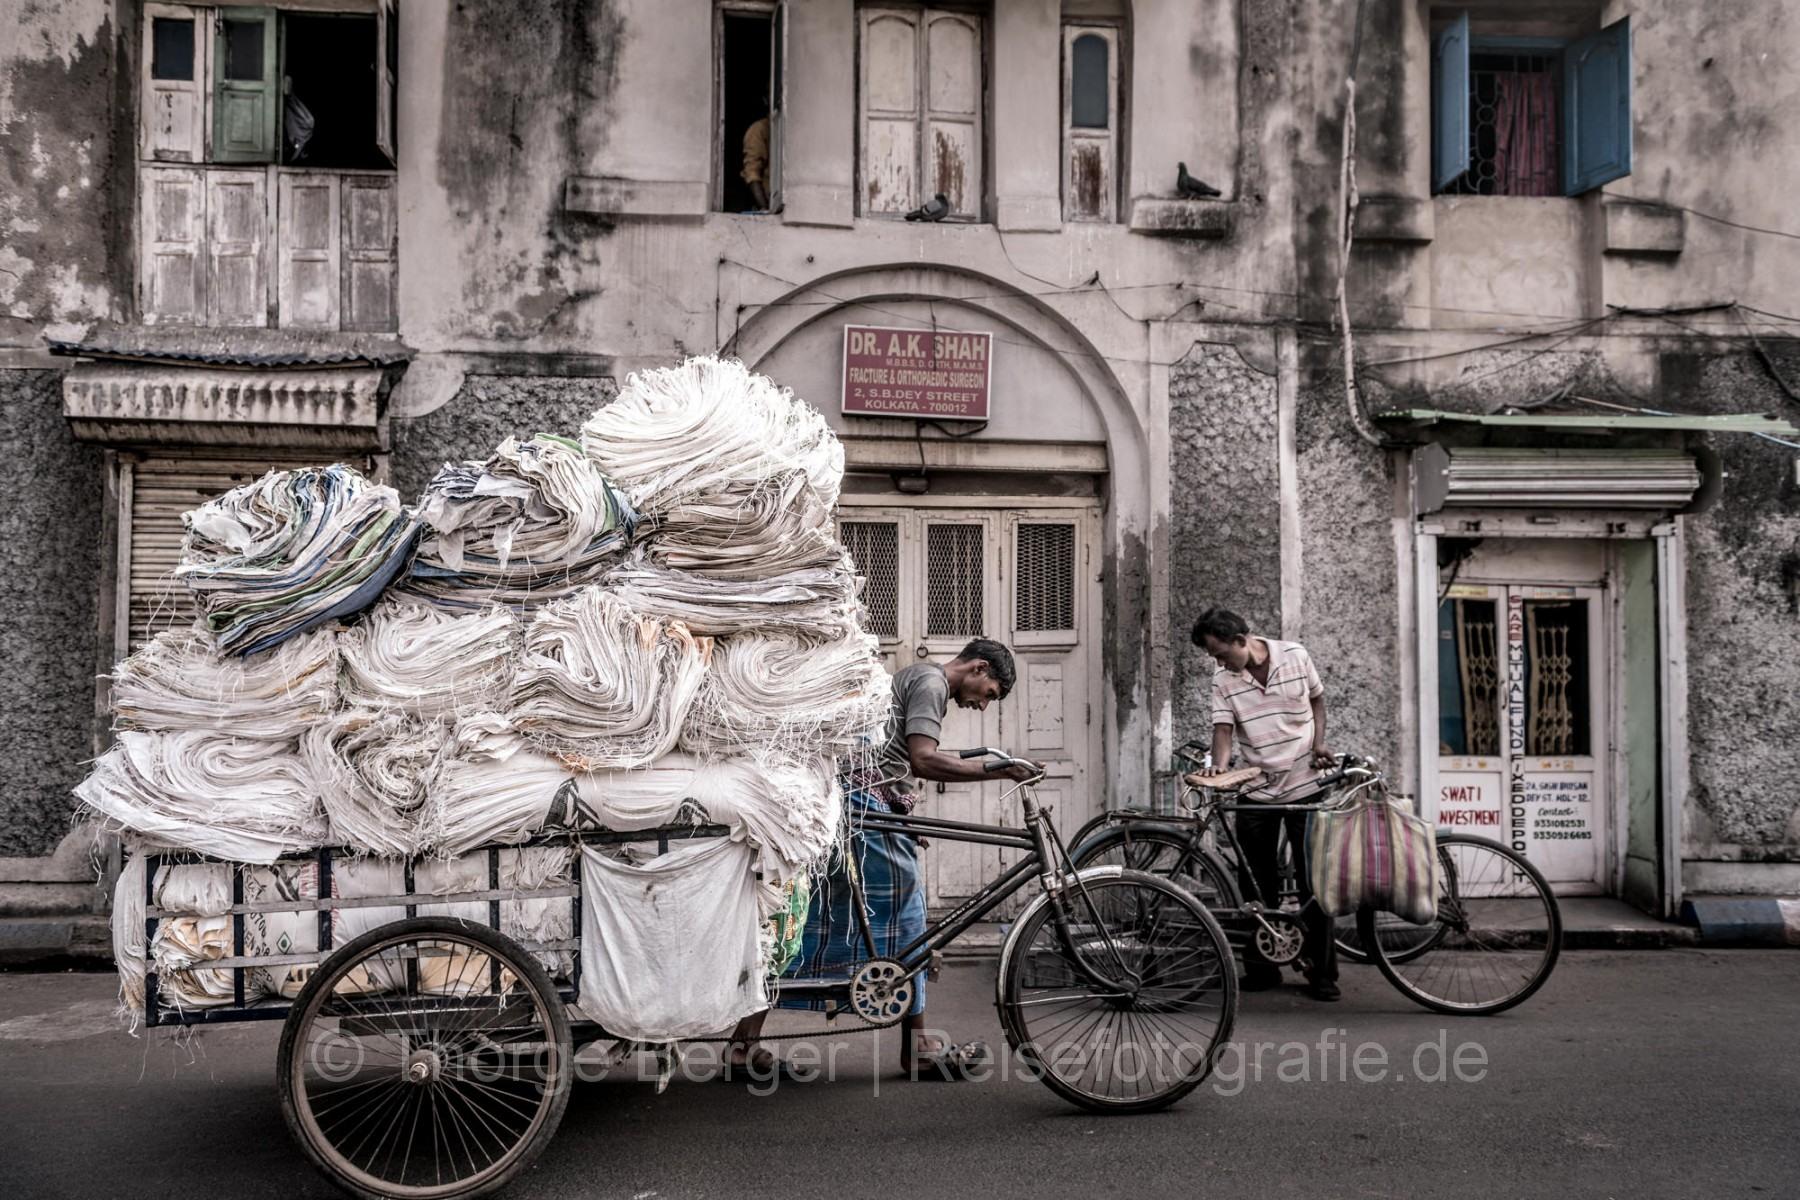 Street scene in Kolkata